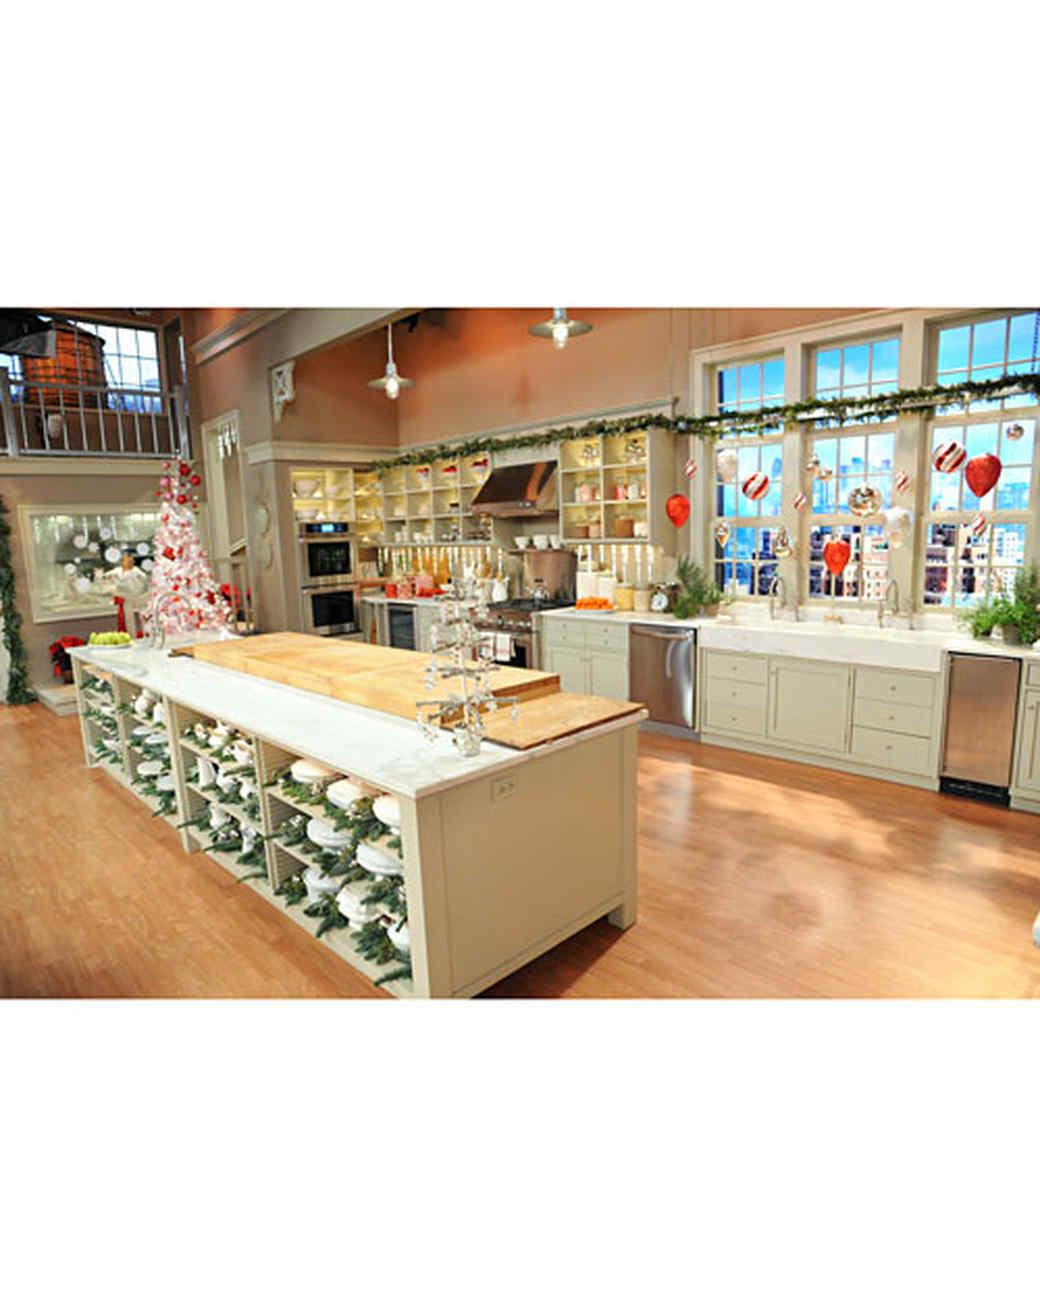 6059_120710_kitchen_wide.jpg